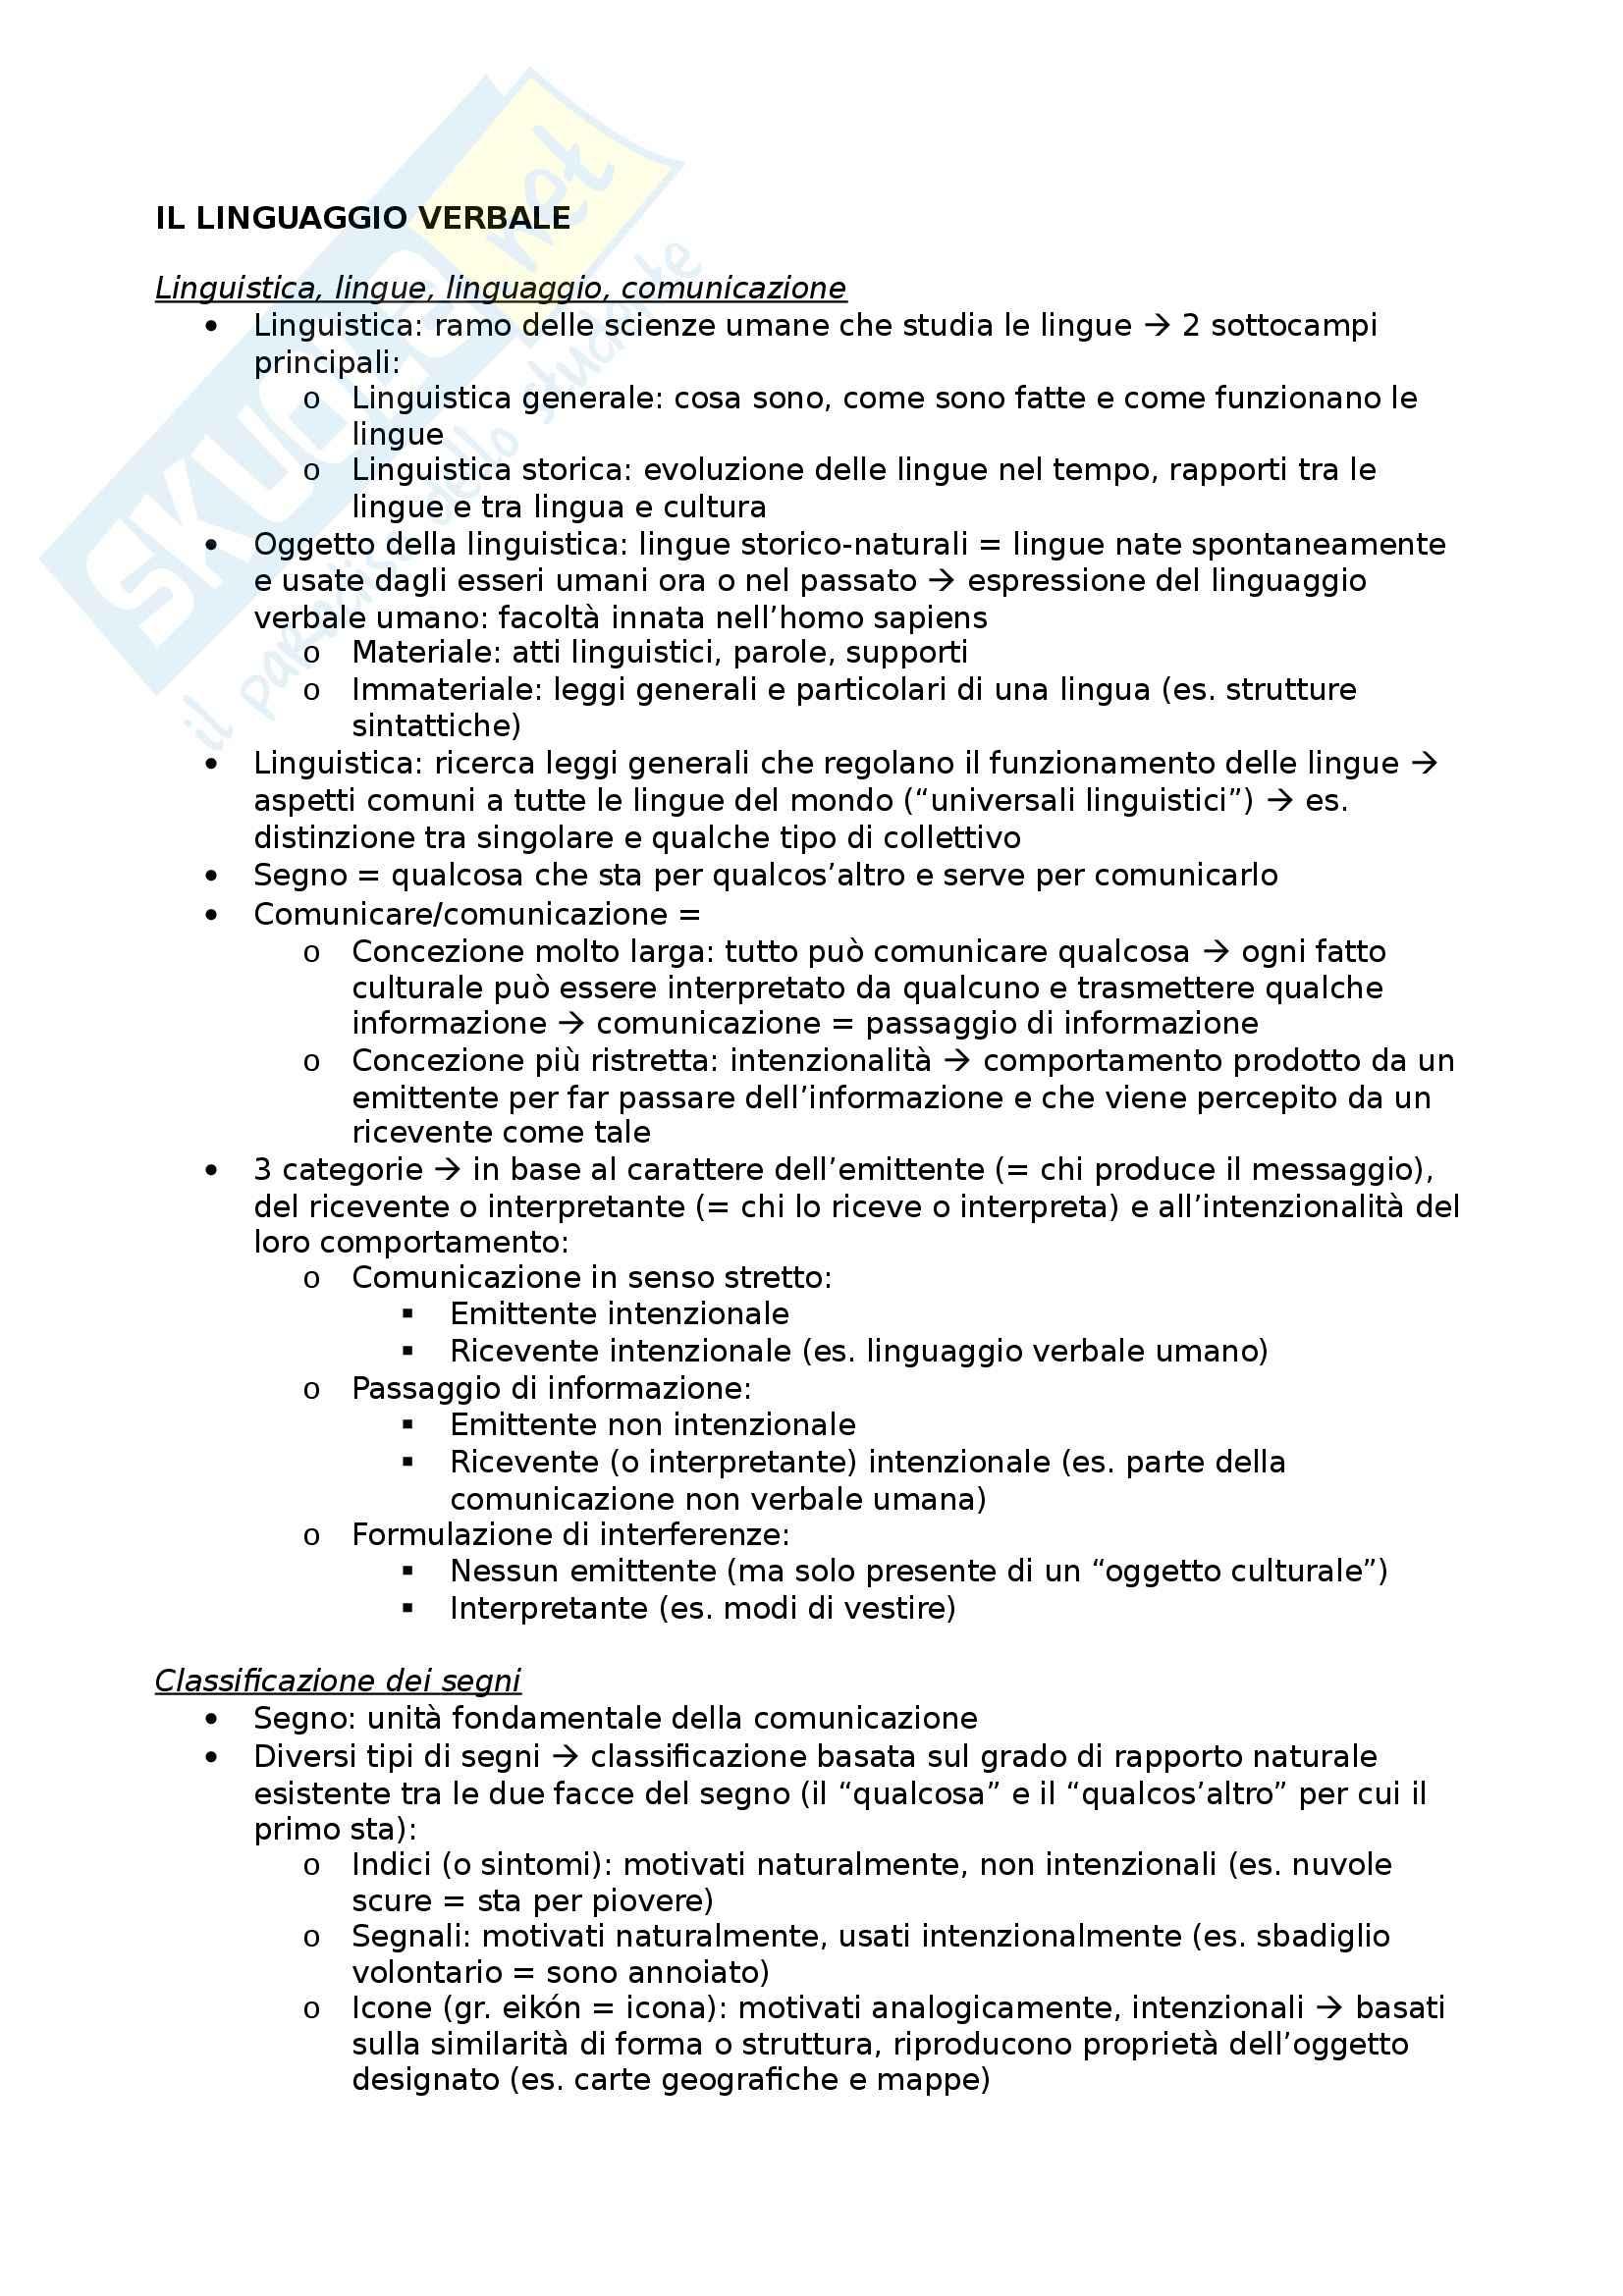 Riassunto esame Glottologia, prof. Bonfadini, libro consigliato La Linguistica: Un Corso Introduttivo, Berruto, Cerruti - cap. 1